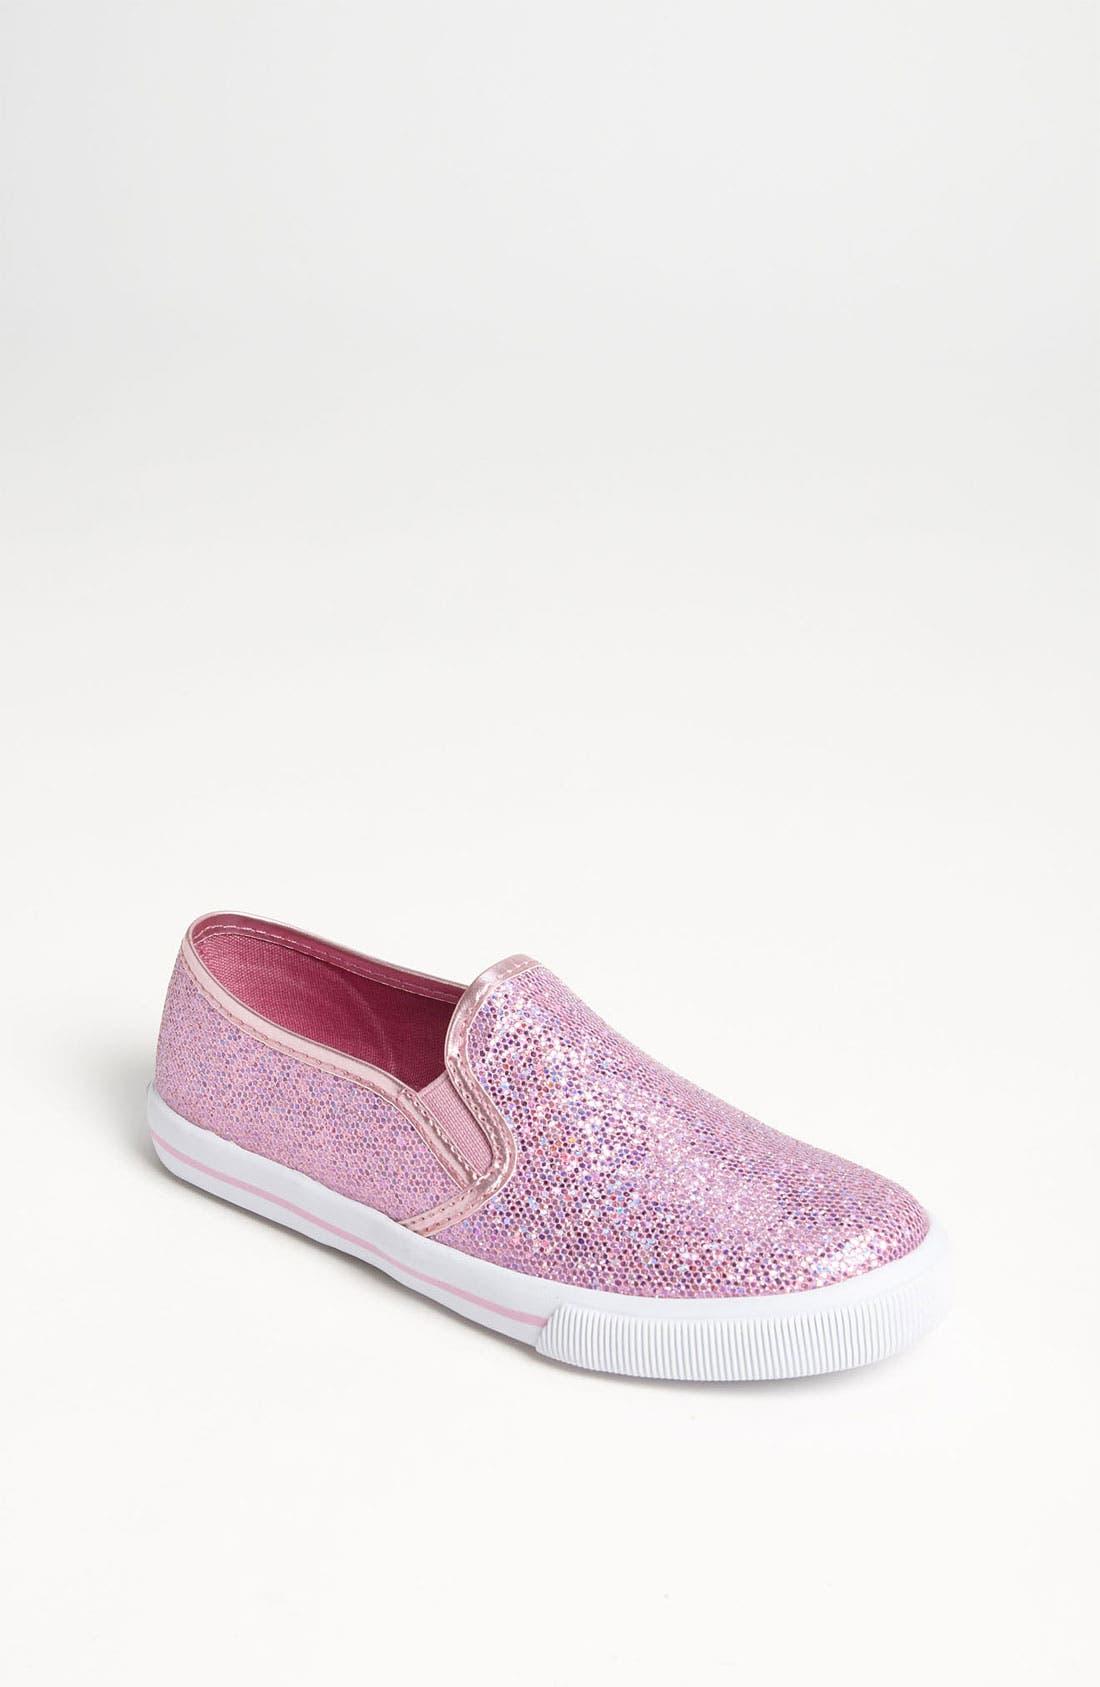 Alternate Image 1 Selected - Nina 'Havanie' Slip-On Sneaker (Toddler, Little Kid & Big Kid)